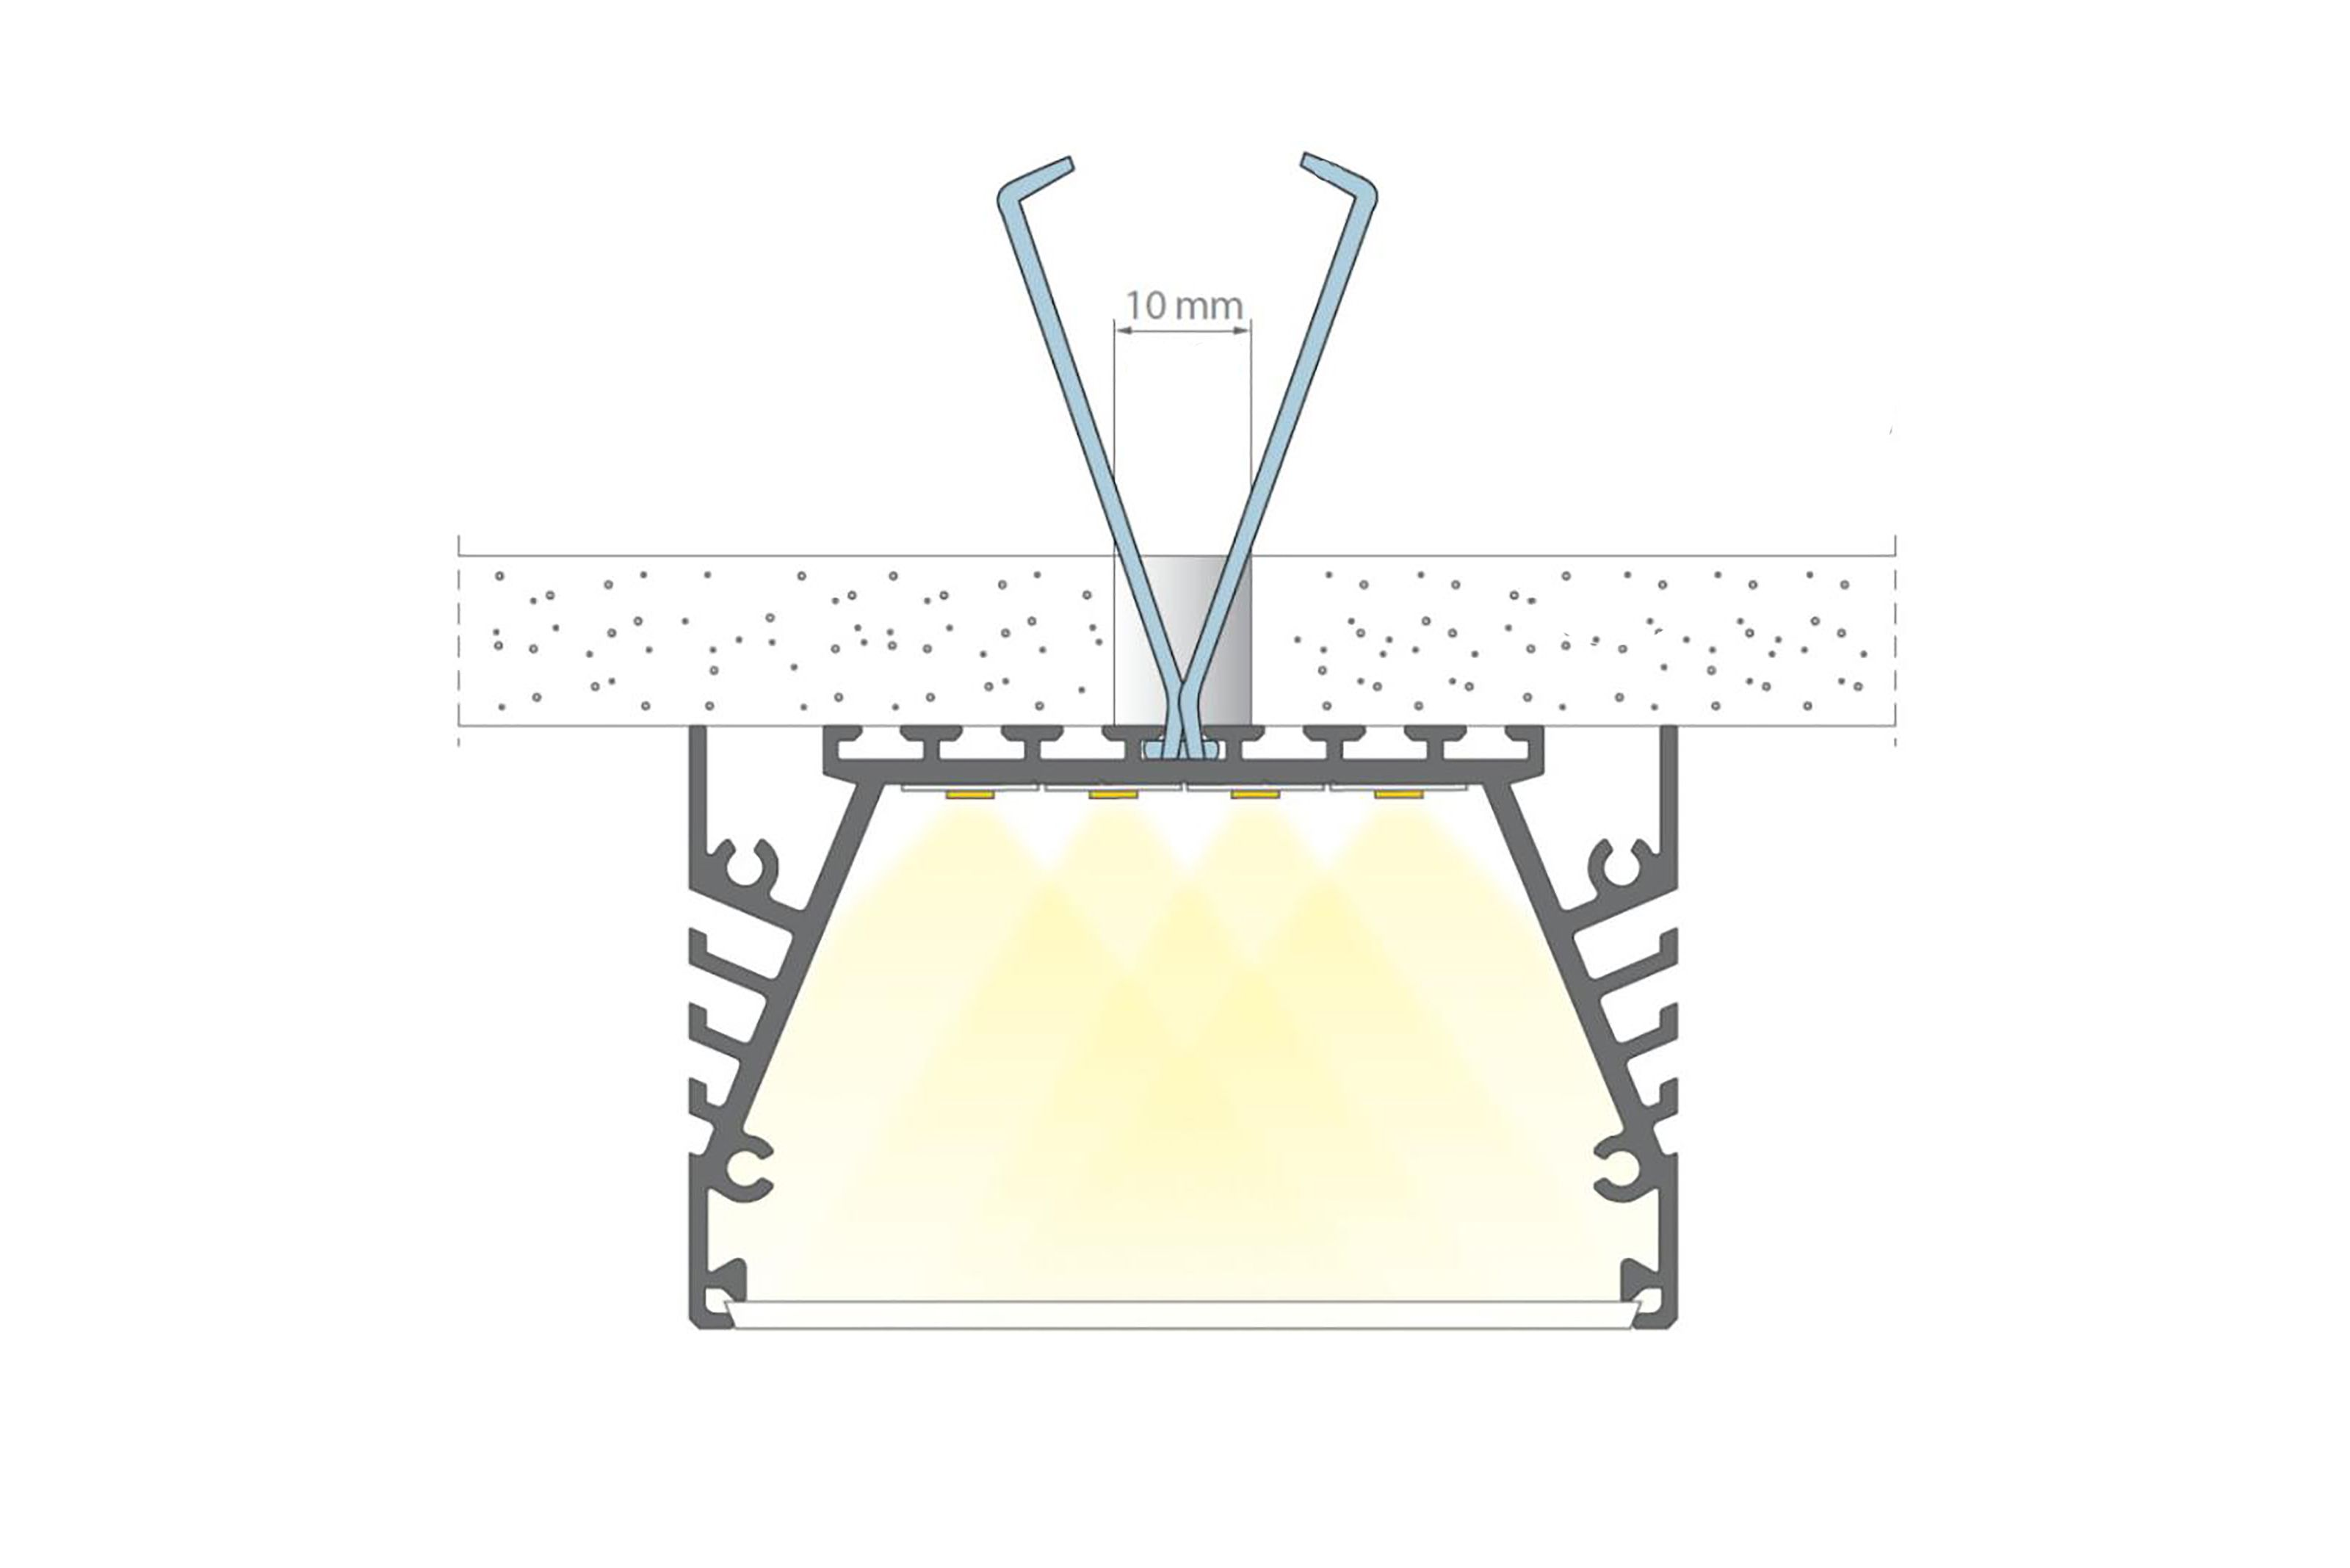 lightline-rico-3-mj-lighting-v2